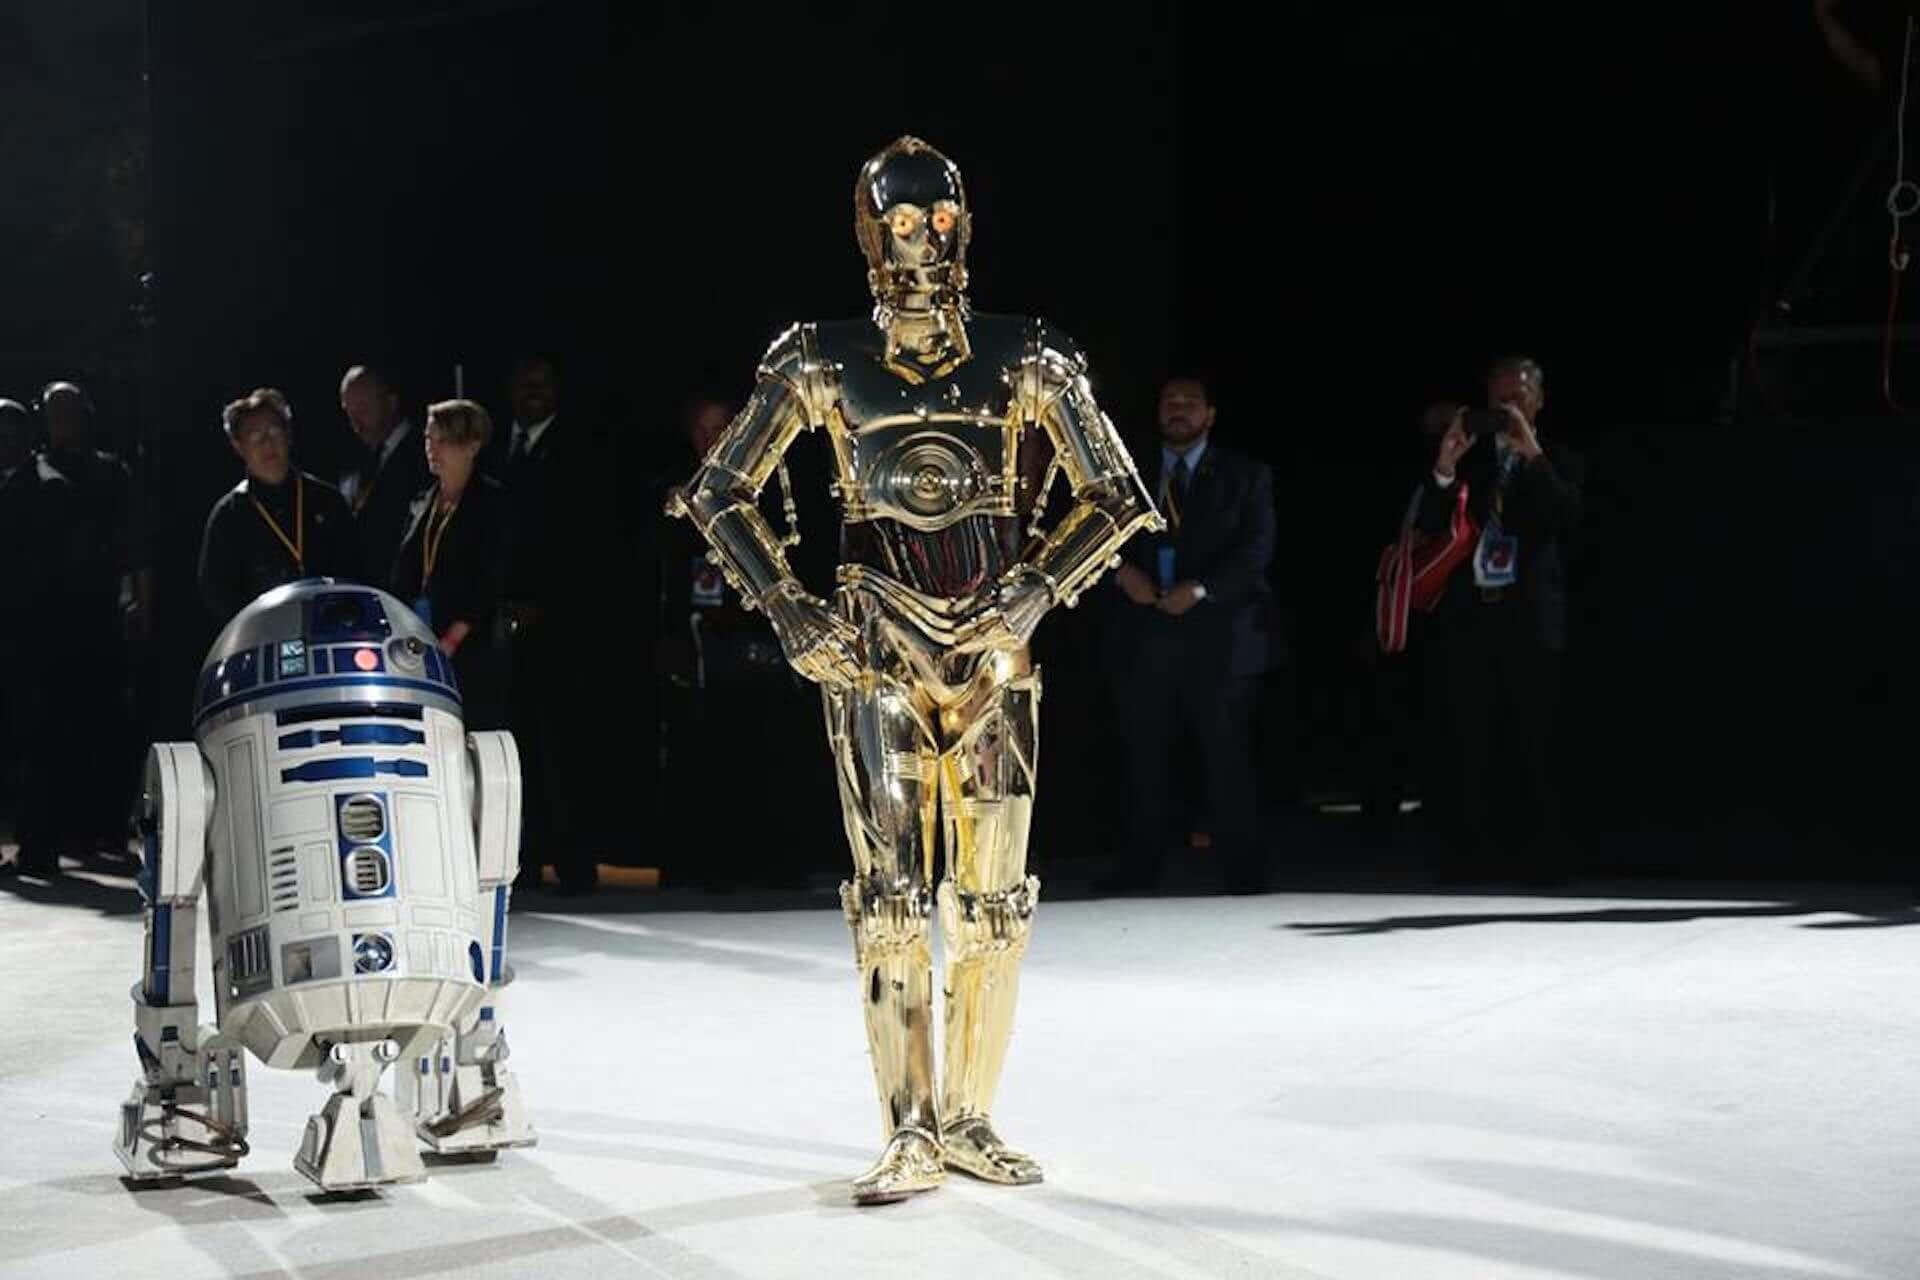 C-3POがダークサイドに......?『スター・ウォーズ/スカイウォーカーの夜明け』新予告にSNS騒然 film190827_starwars_c3po_main-1920x1280